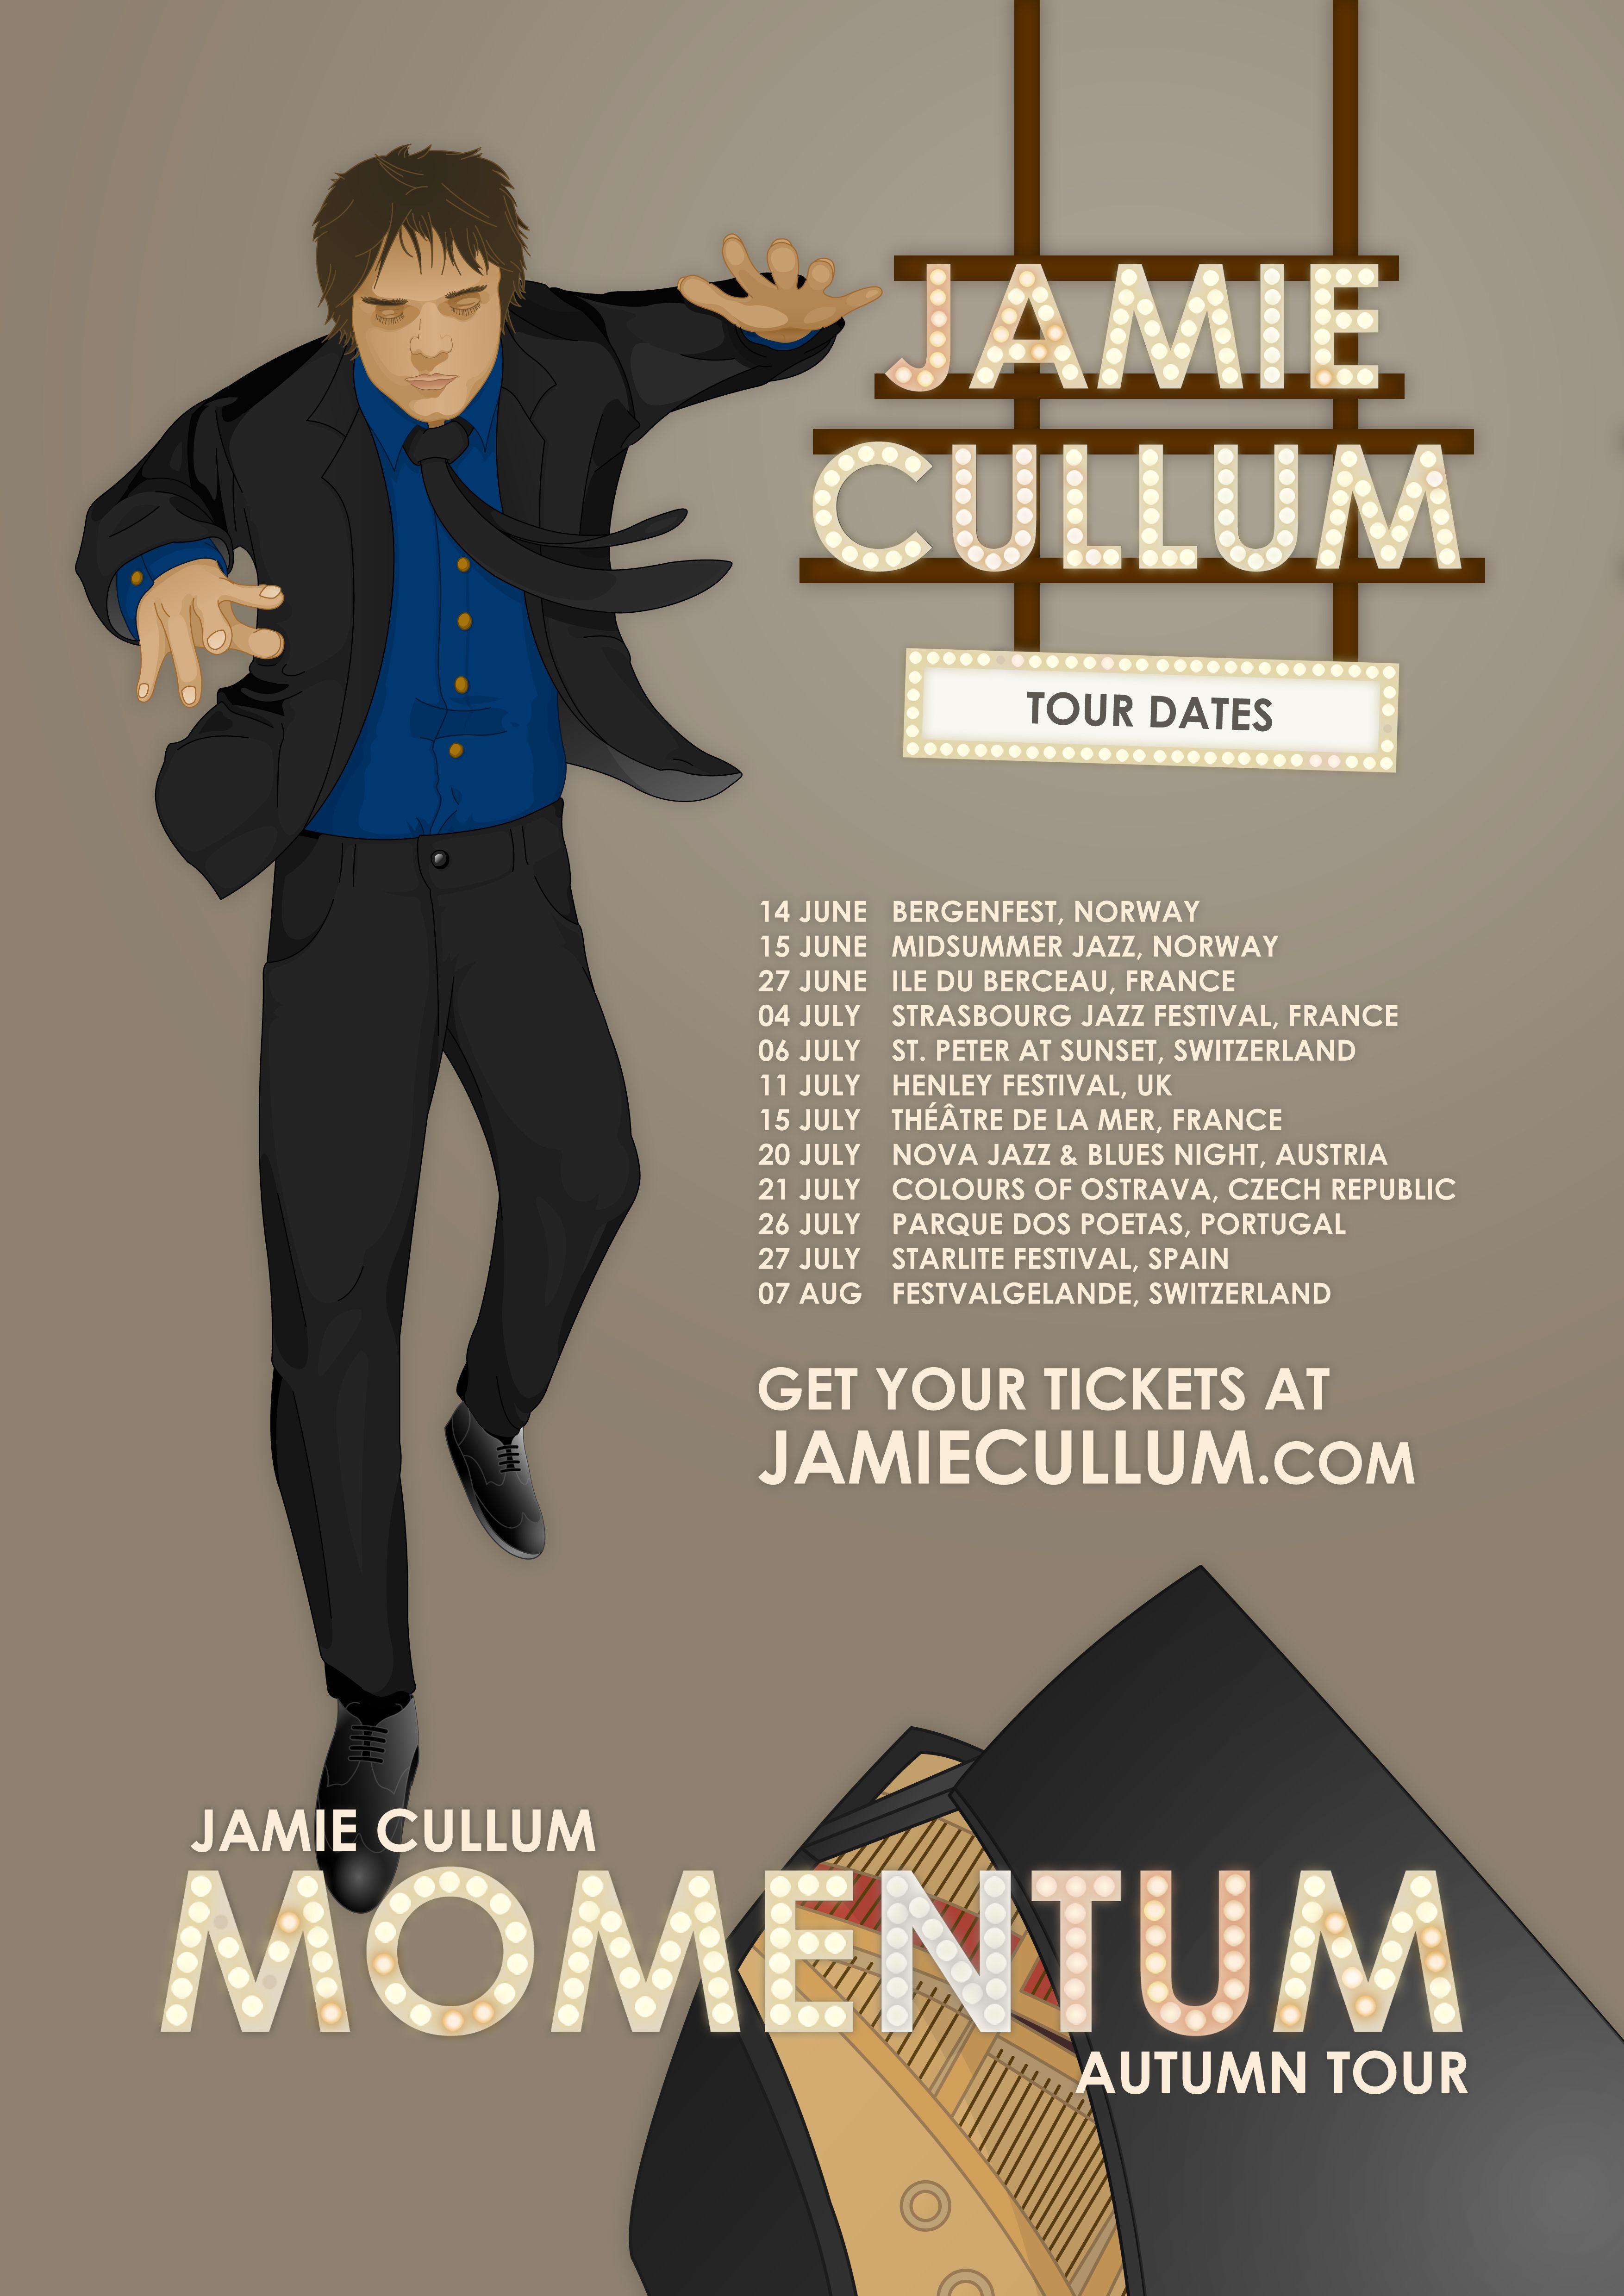 jamie cullum tour